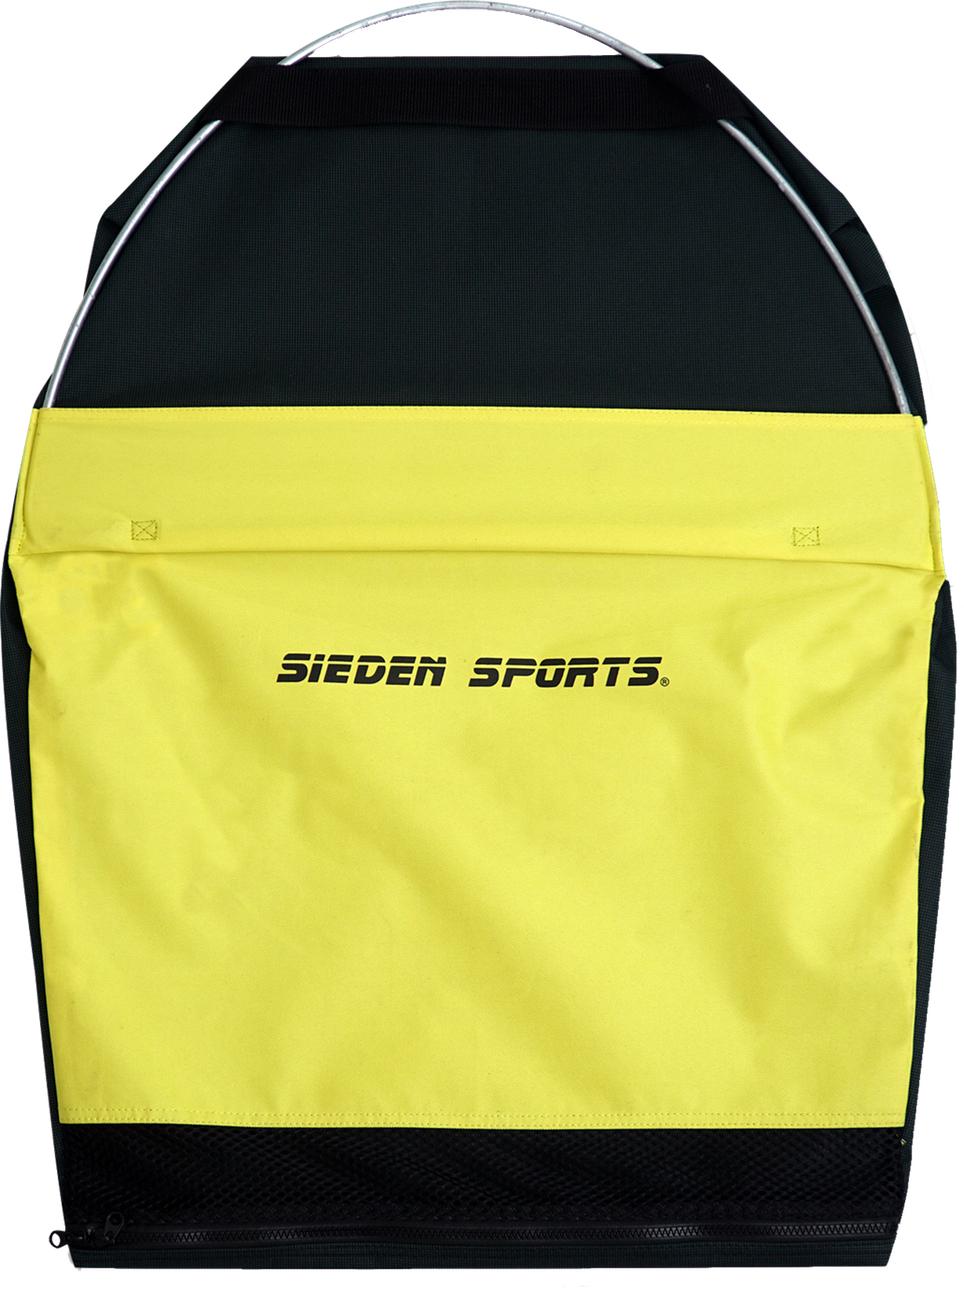 Siedensport Single Handed Game Bag